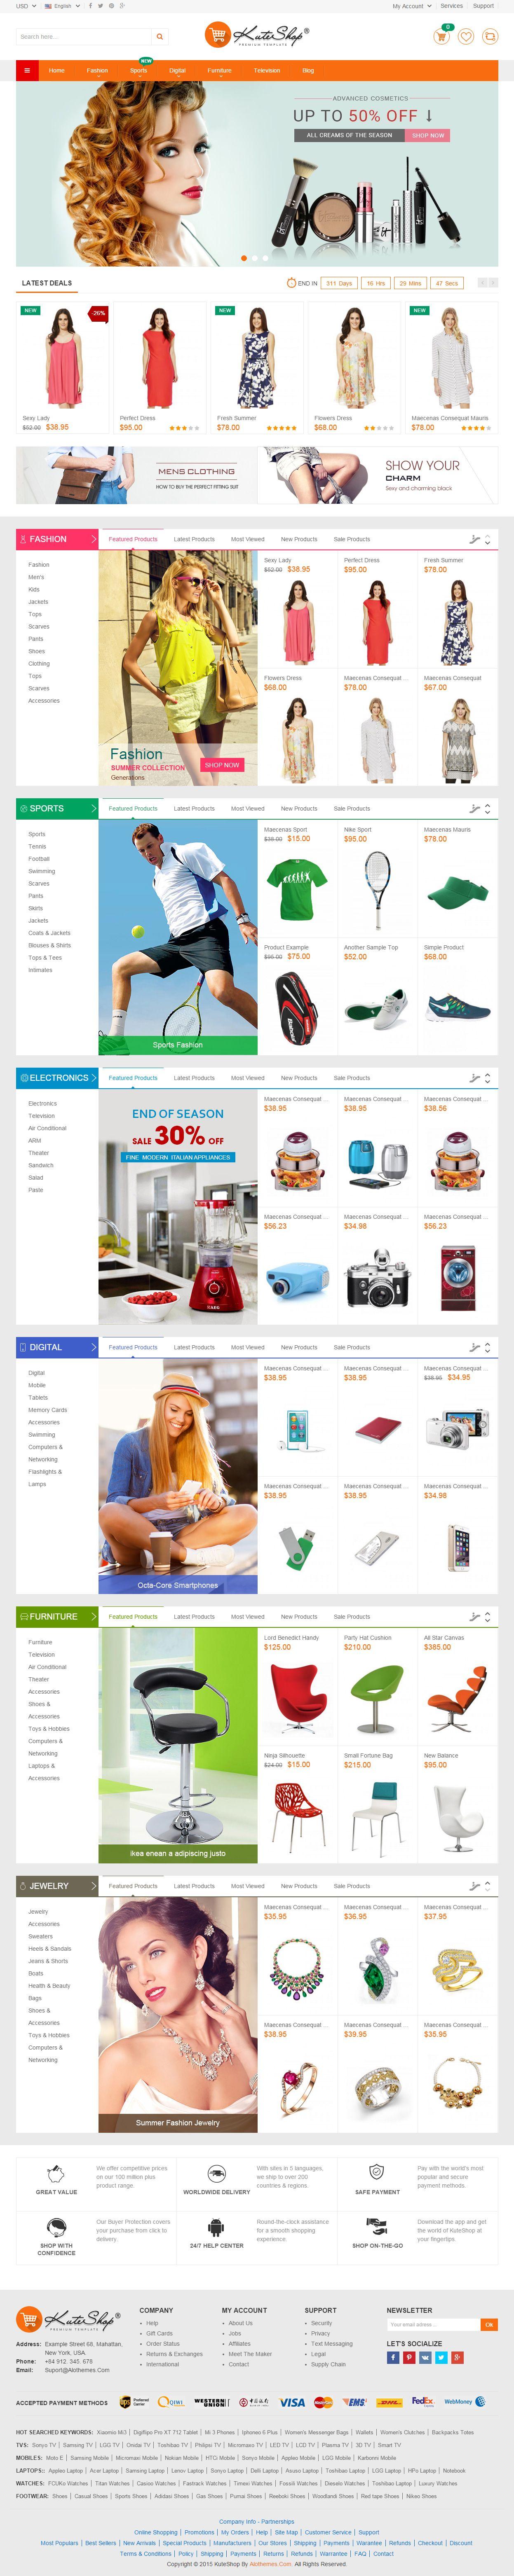 KuteShop - Premium Responsive Multipurpose Magento Theme | UI | Web